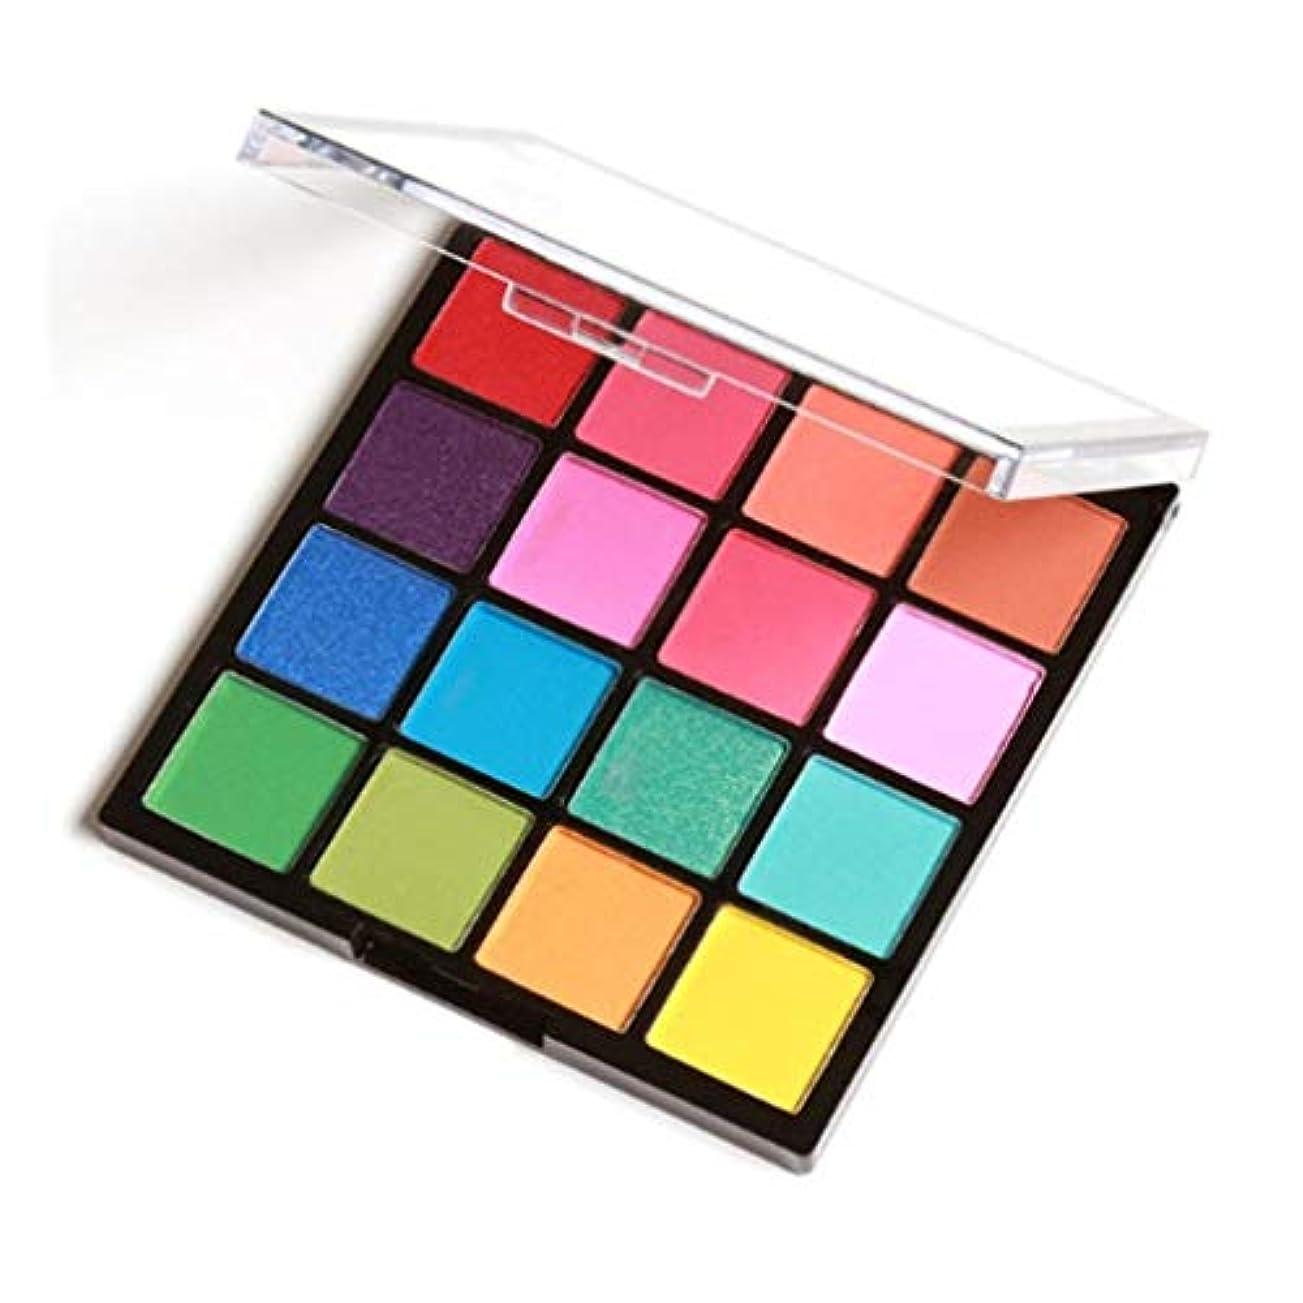 降下人気のテレビ16色/ SET女子プロアイメイクアップ化粧品パウダー防水ロングラスティングスモーキーアイシャドウパレットメイクアップセット